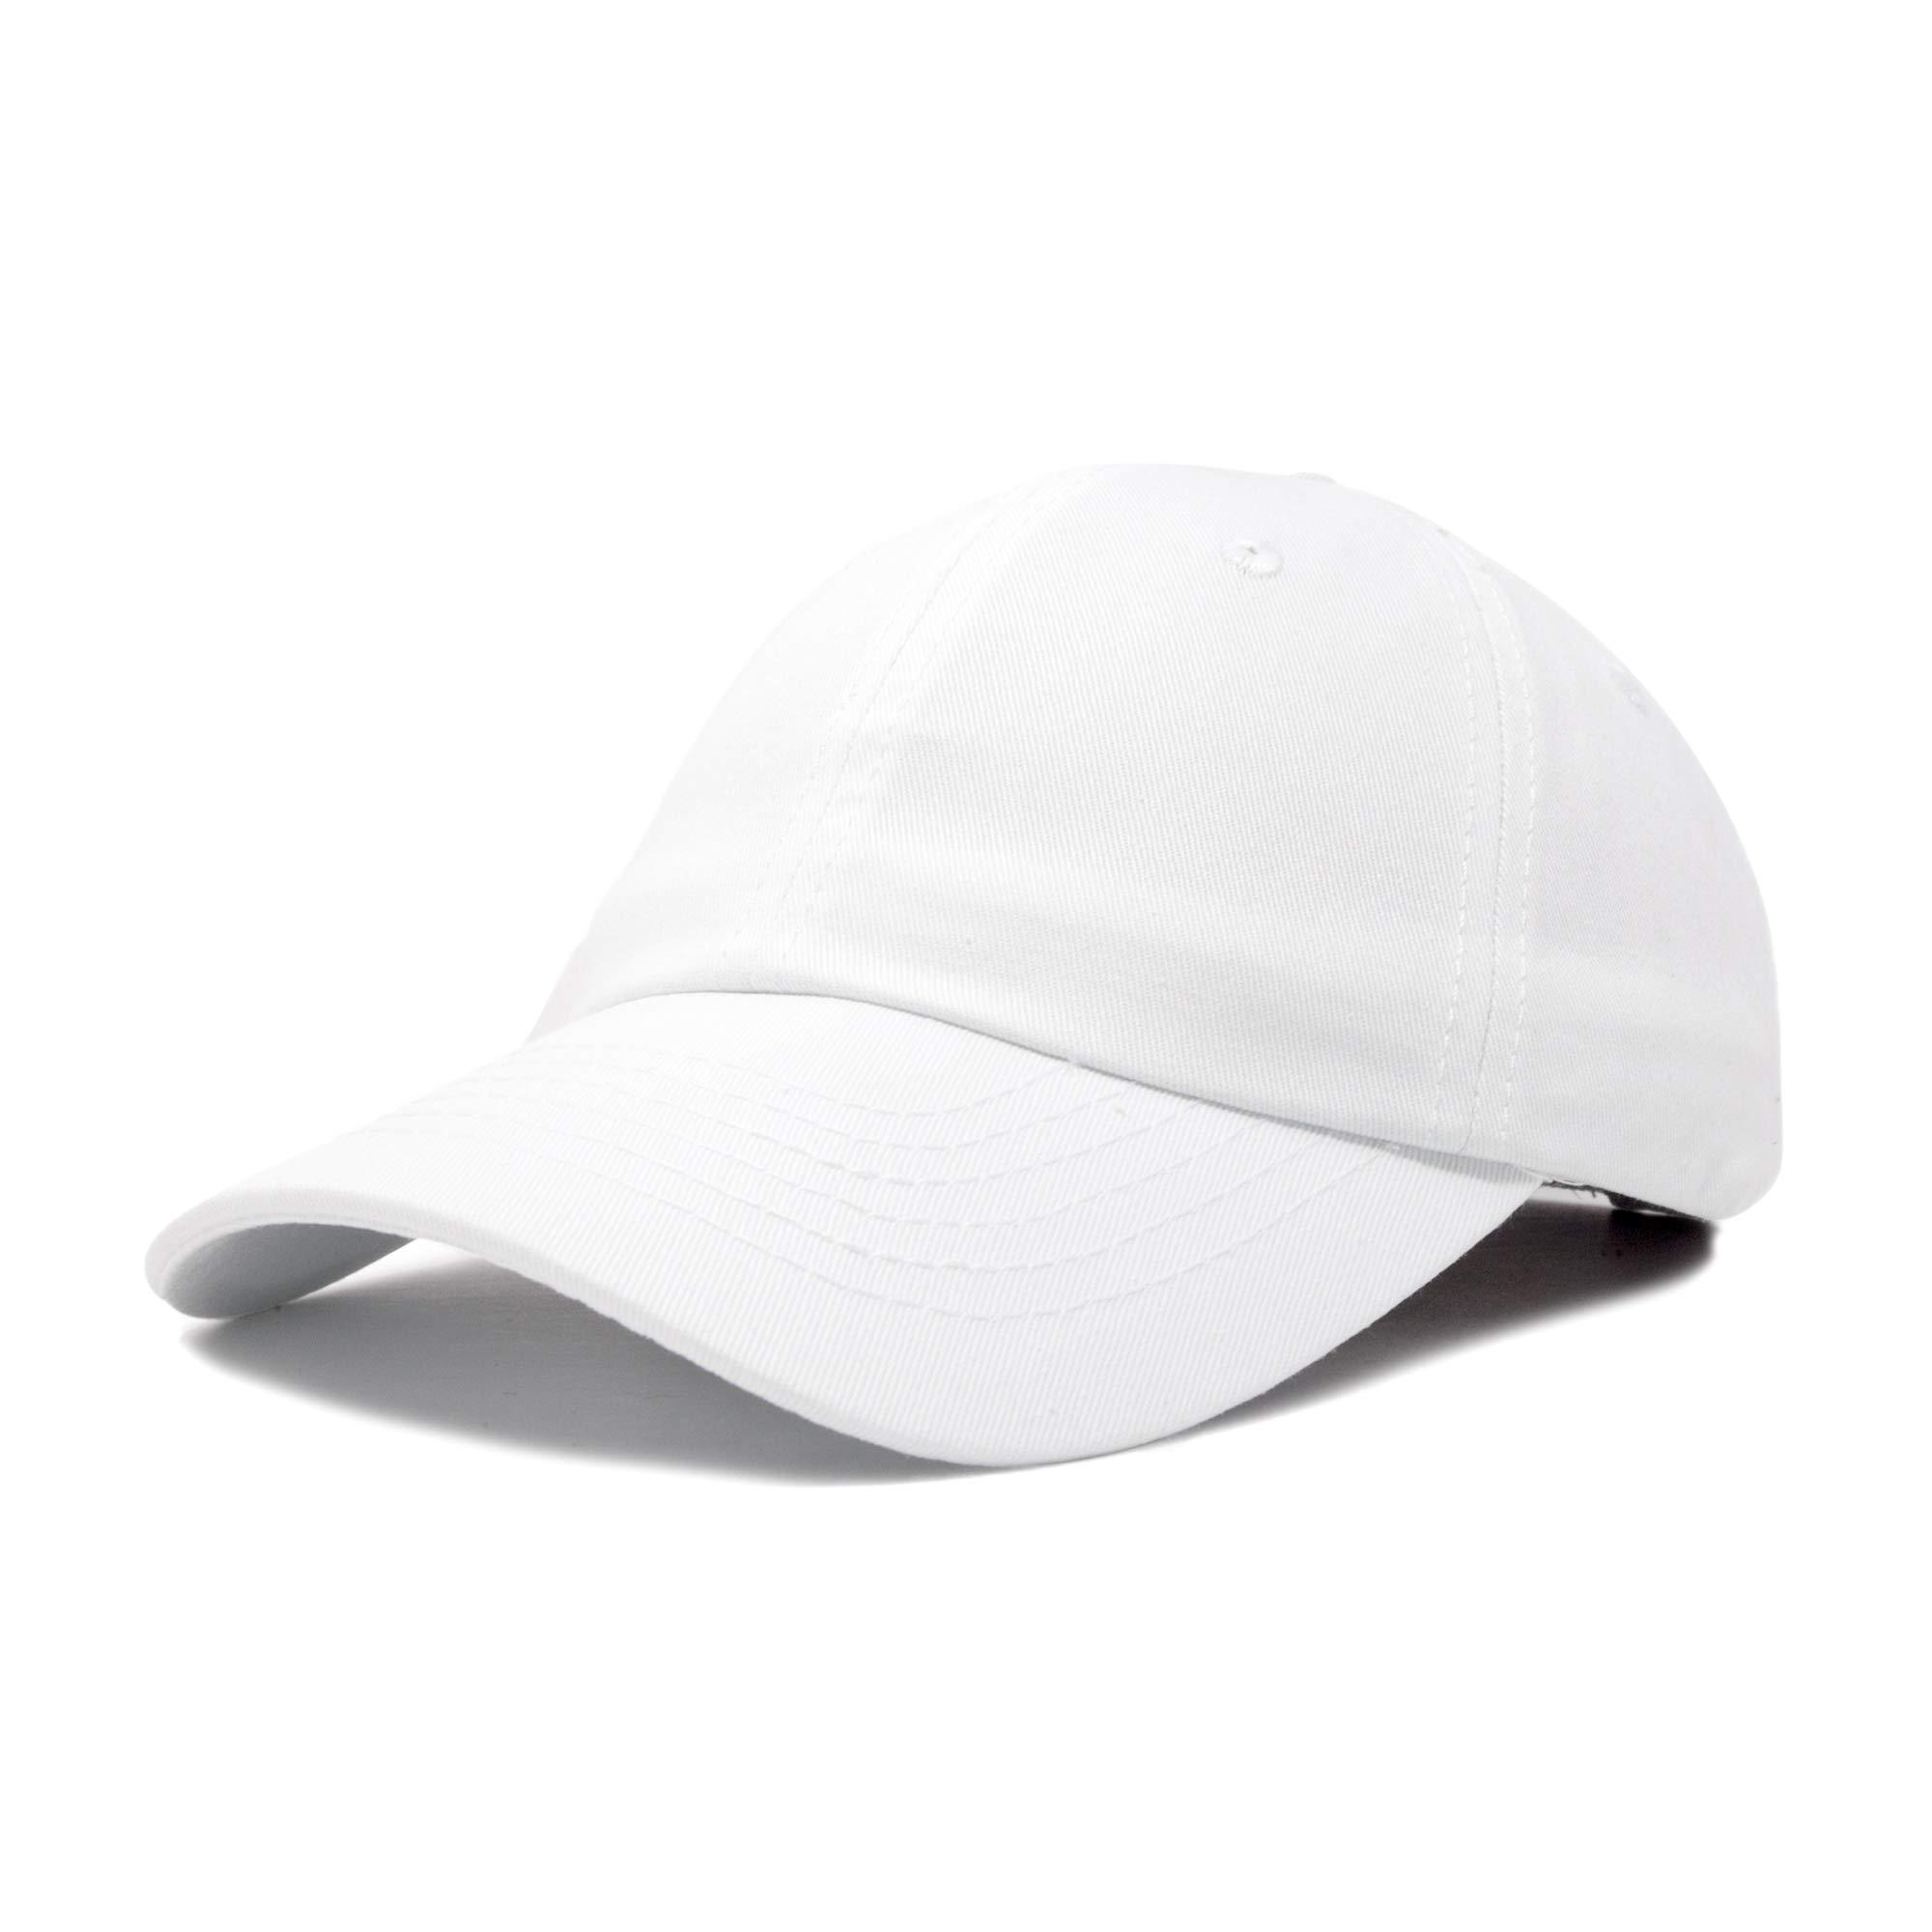 8128e905 Dalix Unisex Unstructured Cotton Cap Adjustable Plain Hat, White